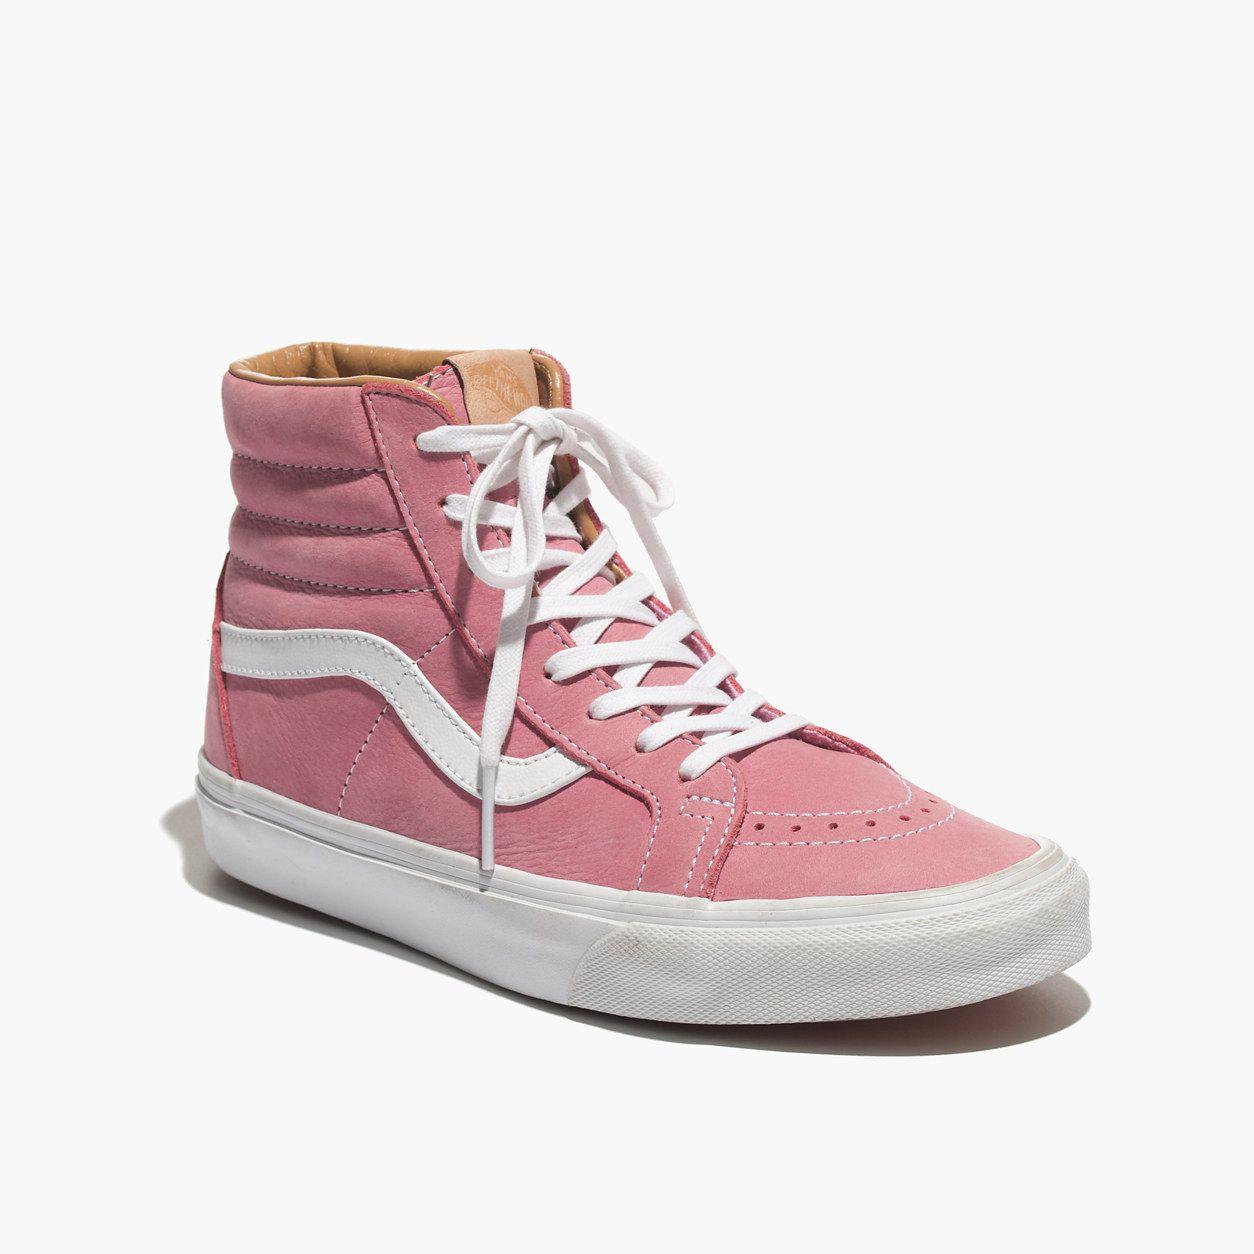 Vans® SK8-Hi Leather High-Top Sneakers